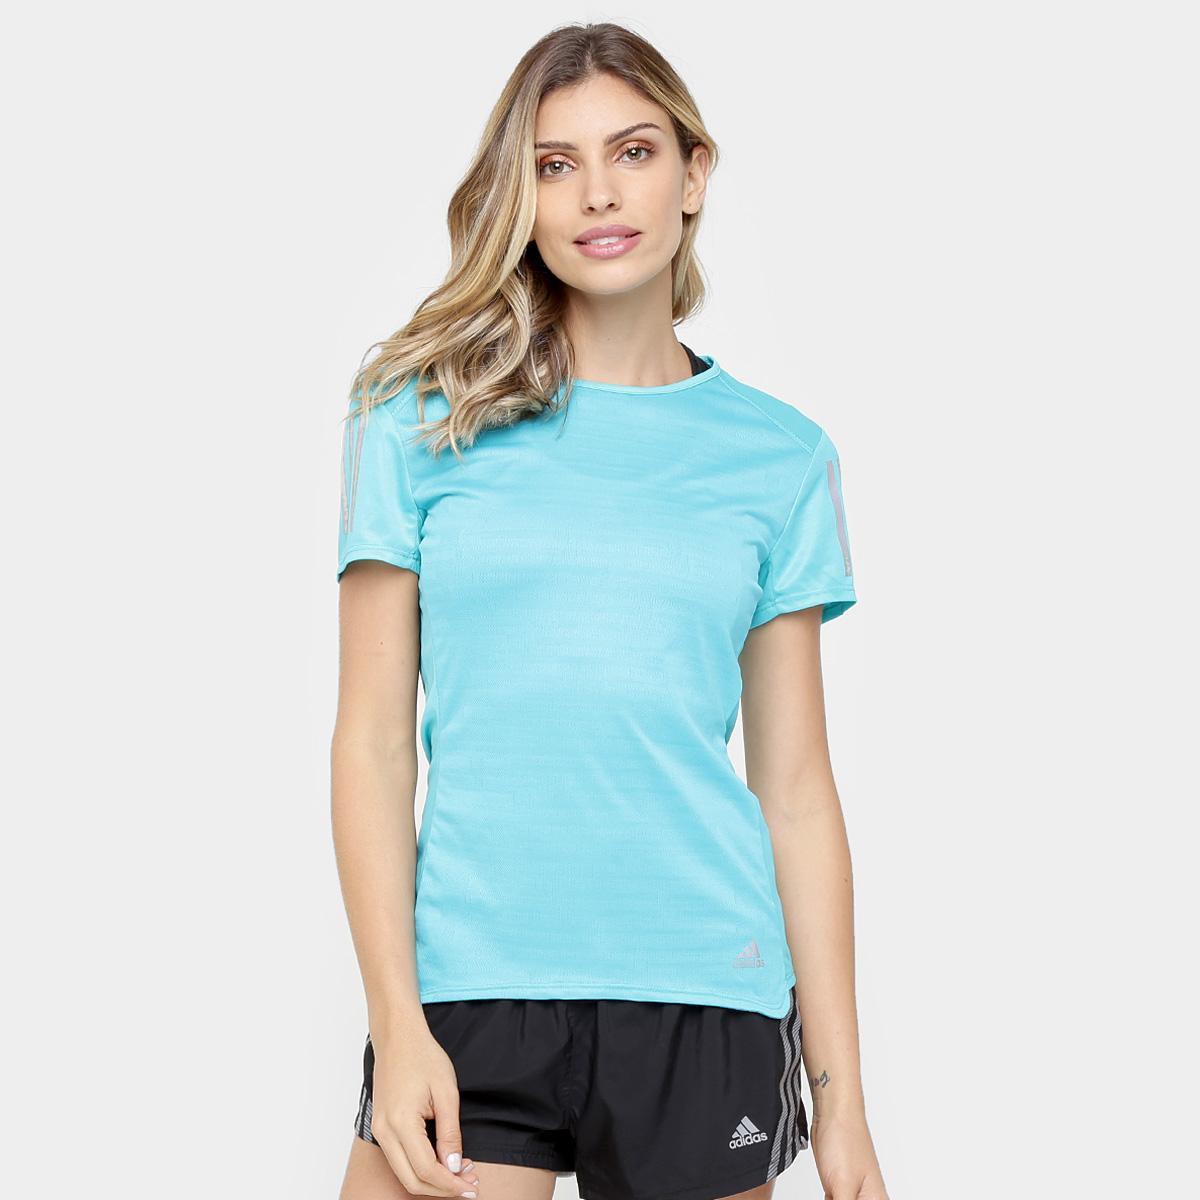 25e255e22da18 Camiseta Adidas Response ClimaCool Feminina - Compre Agora